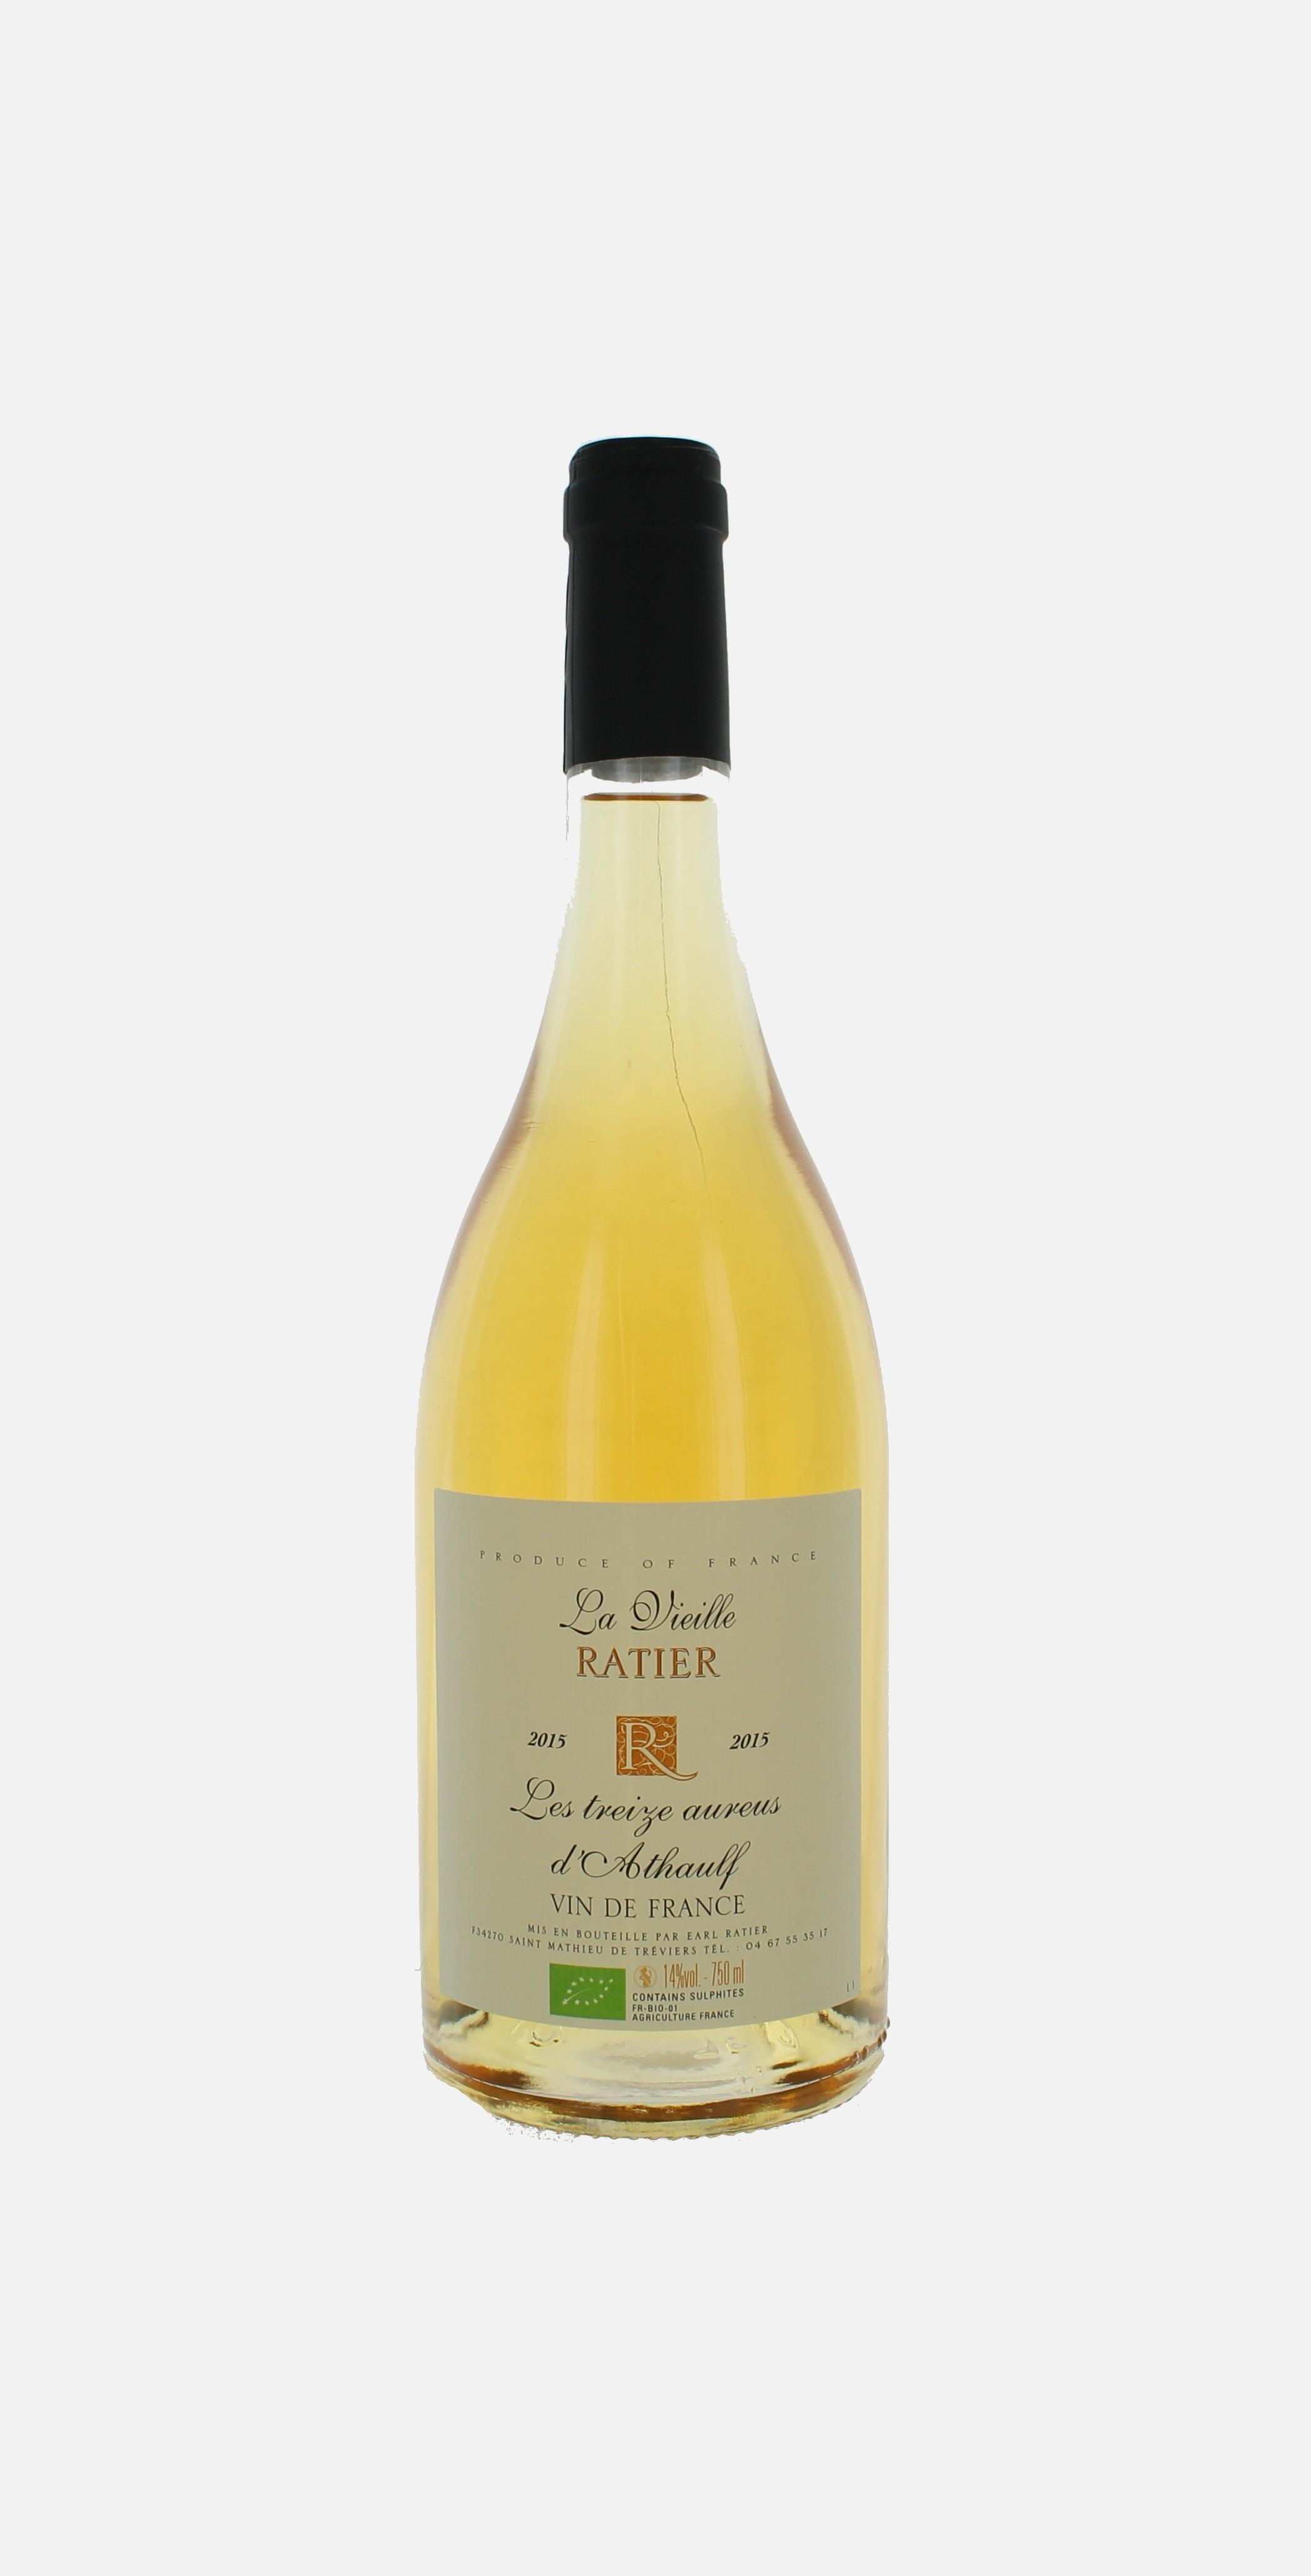 Les treize Aureus, Vin de France, Vieille Ratier